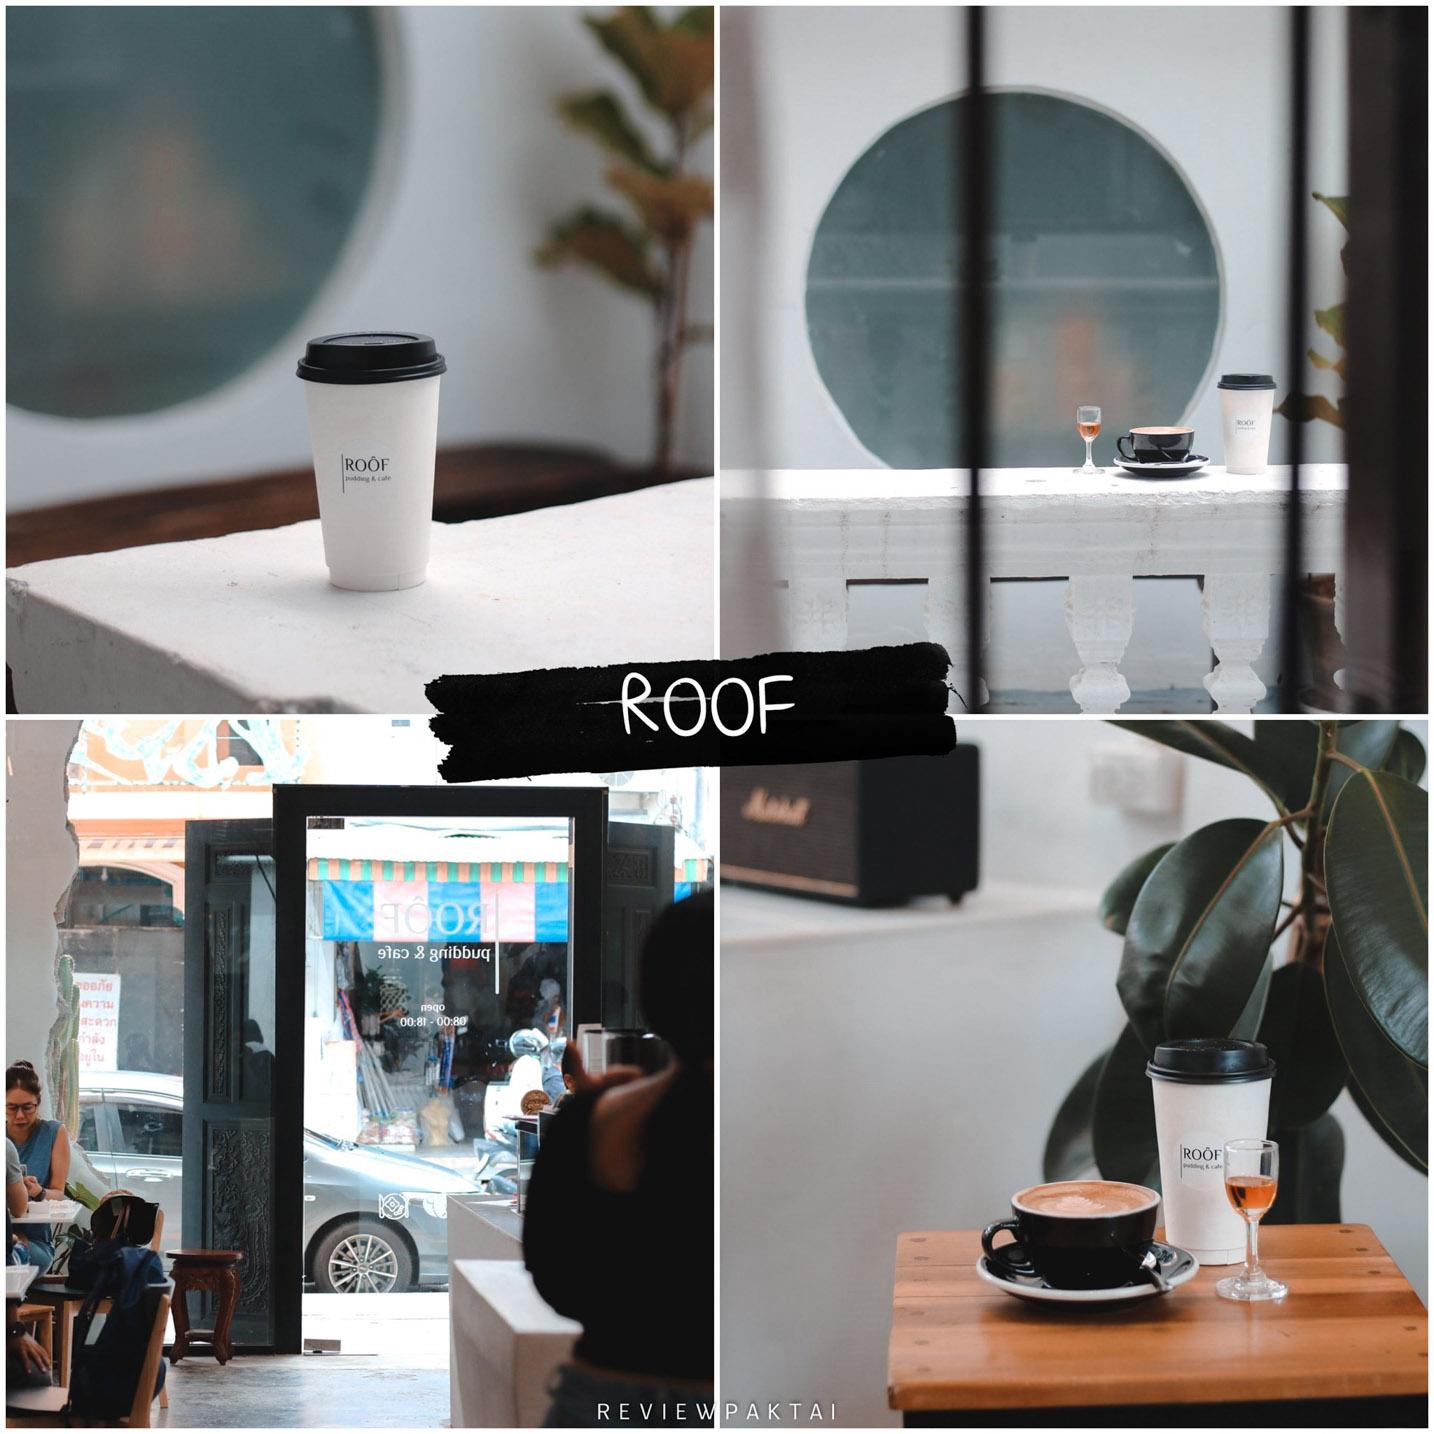 ROOF pudding & cafe คาเฟ่สไตล์มินิมอลเปิดใหม่ย่านเมืองเก่าภูเก็ต อากาศดีๆกาแฟสักแก้วไหม พลาดไม่ได้ต้องไปปักหมุดกันแล้ว!! คลิกที่นี่ภูเก็ต,ที่พัก,โรงแรม,รีสอร์ท,สถานที่ท่องเที่ยว,ของกิน,จุดเช็คอิน,ที่เที่ยว,จุดถ่ายรูป